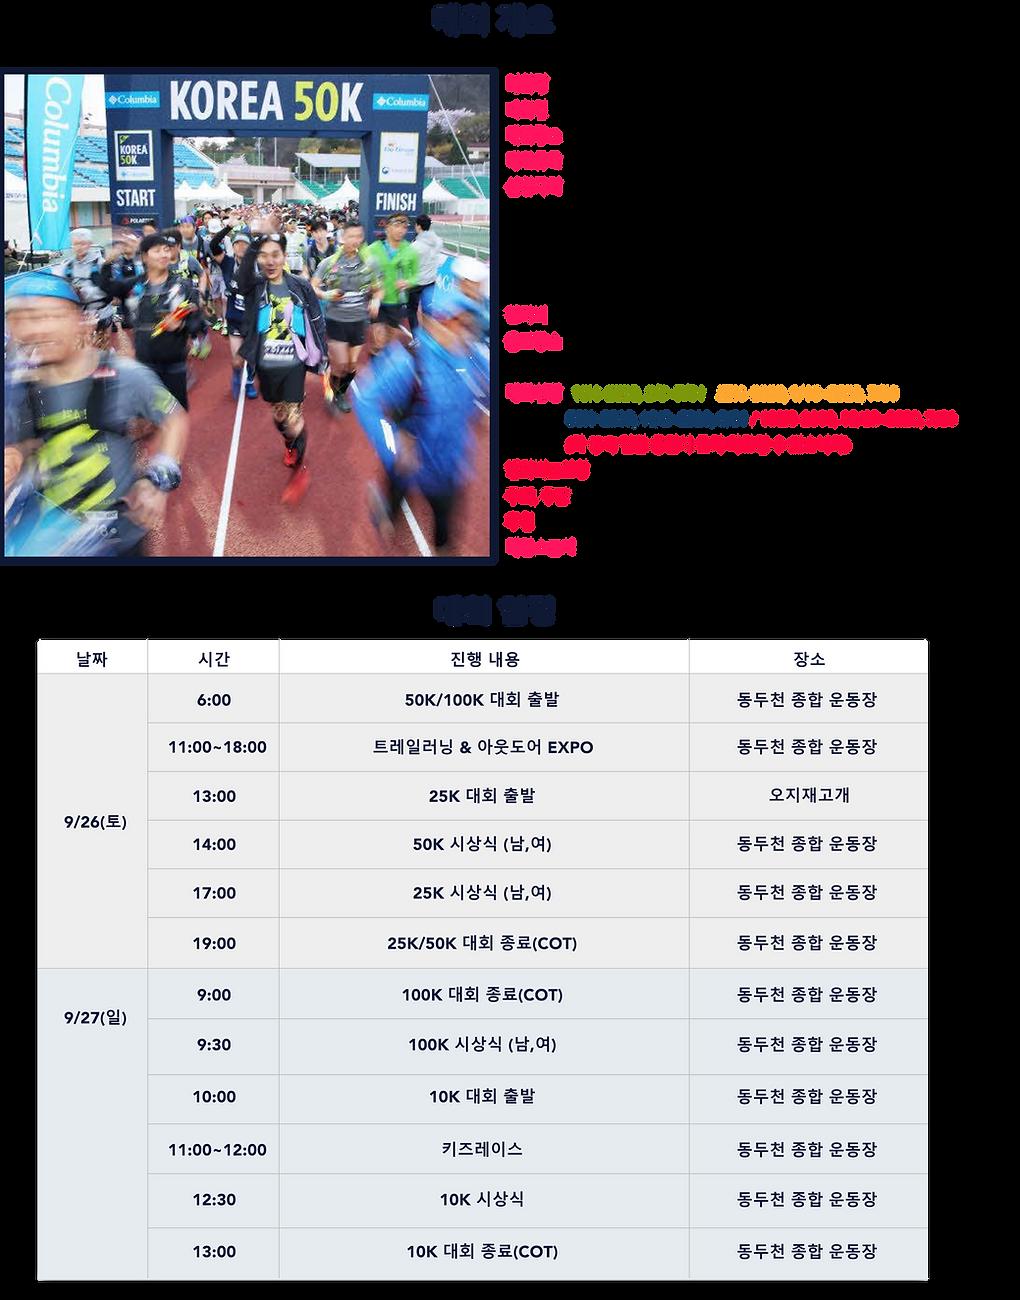 대회정보-대회개요.png